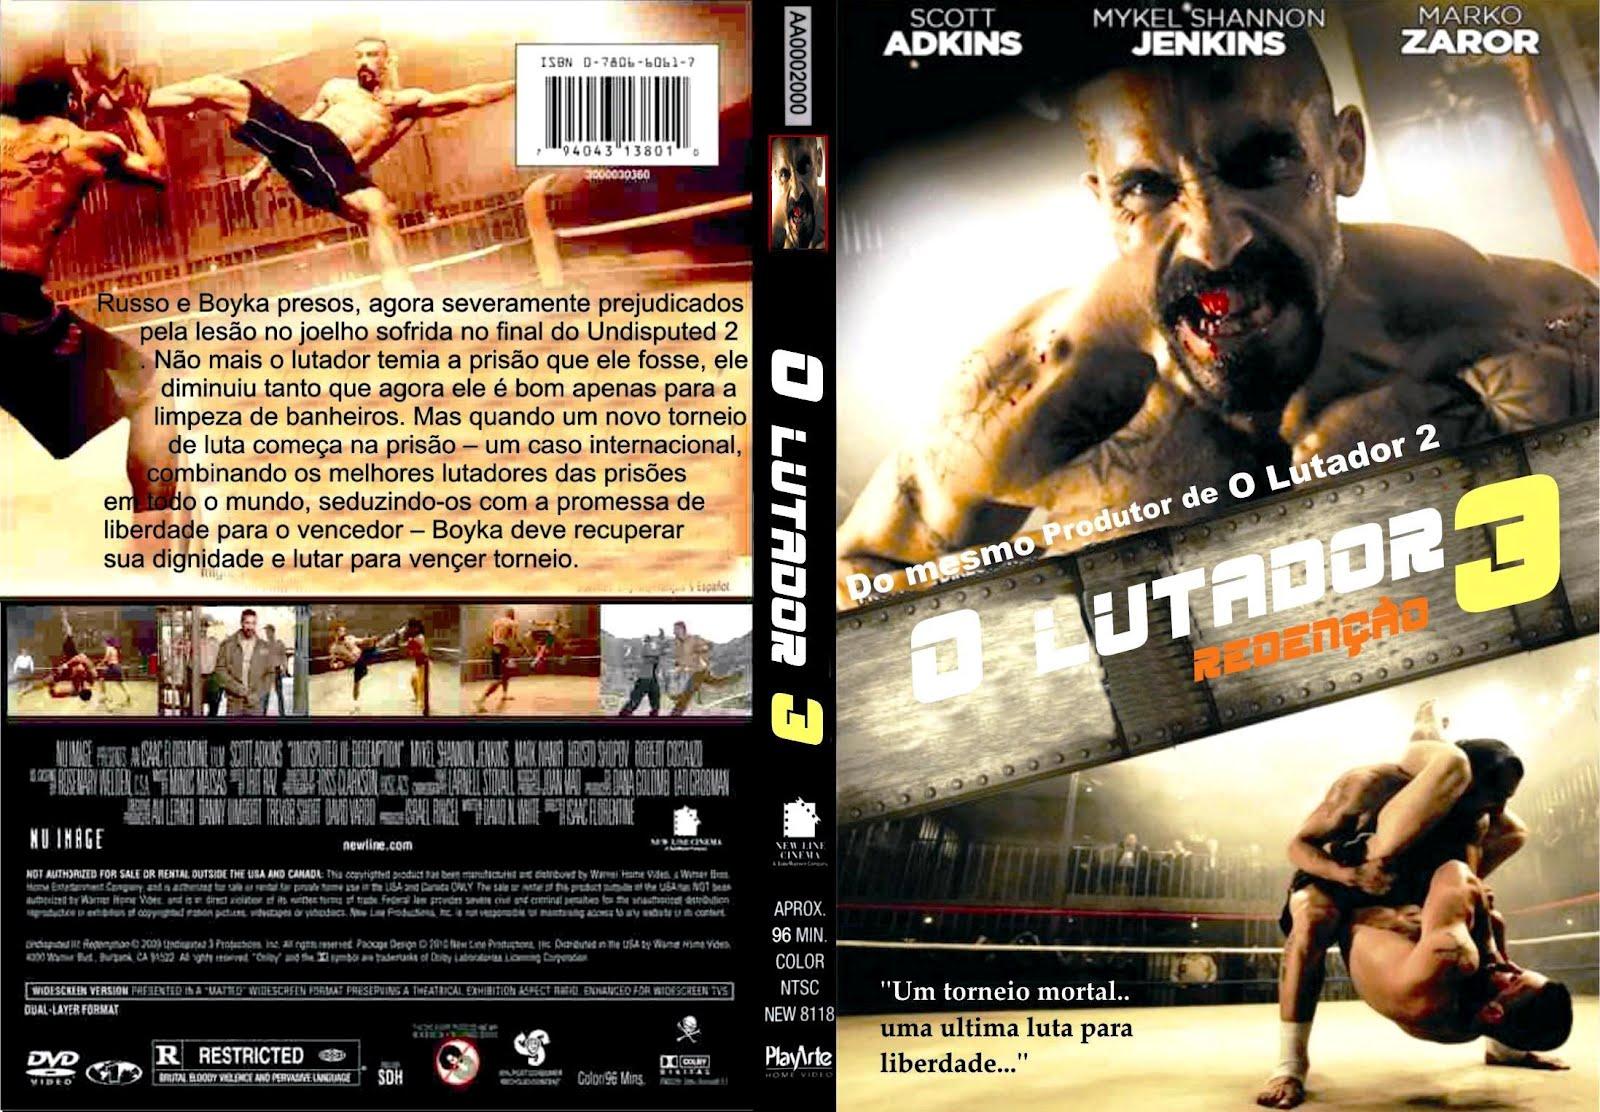 Imbatível 3 Classy o lutador 3 - redenção (2010) bluray 720p dublado download via